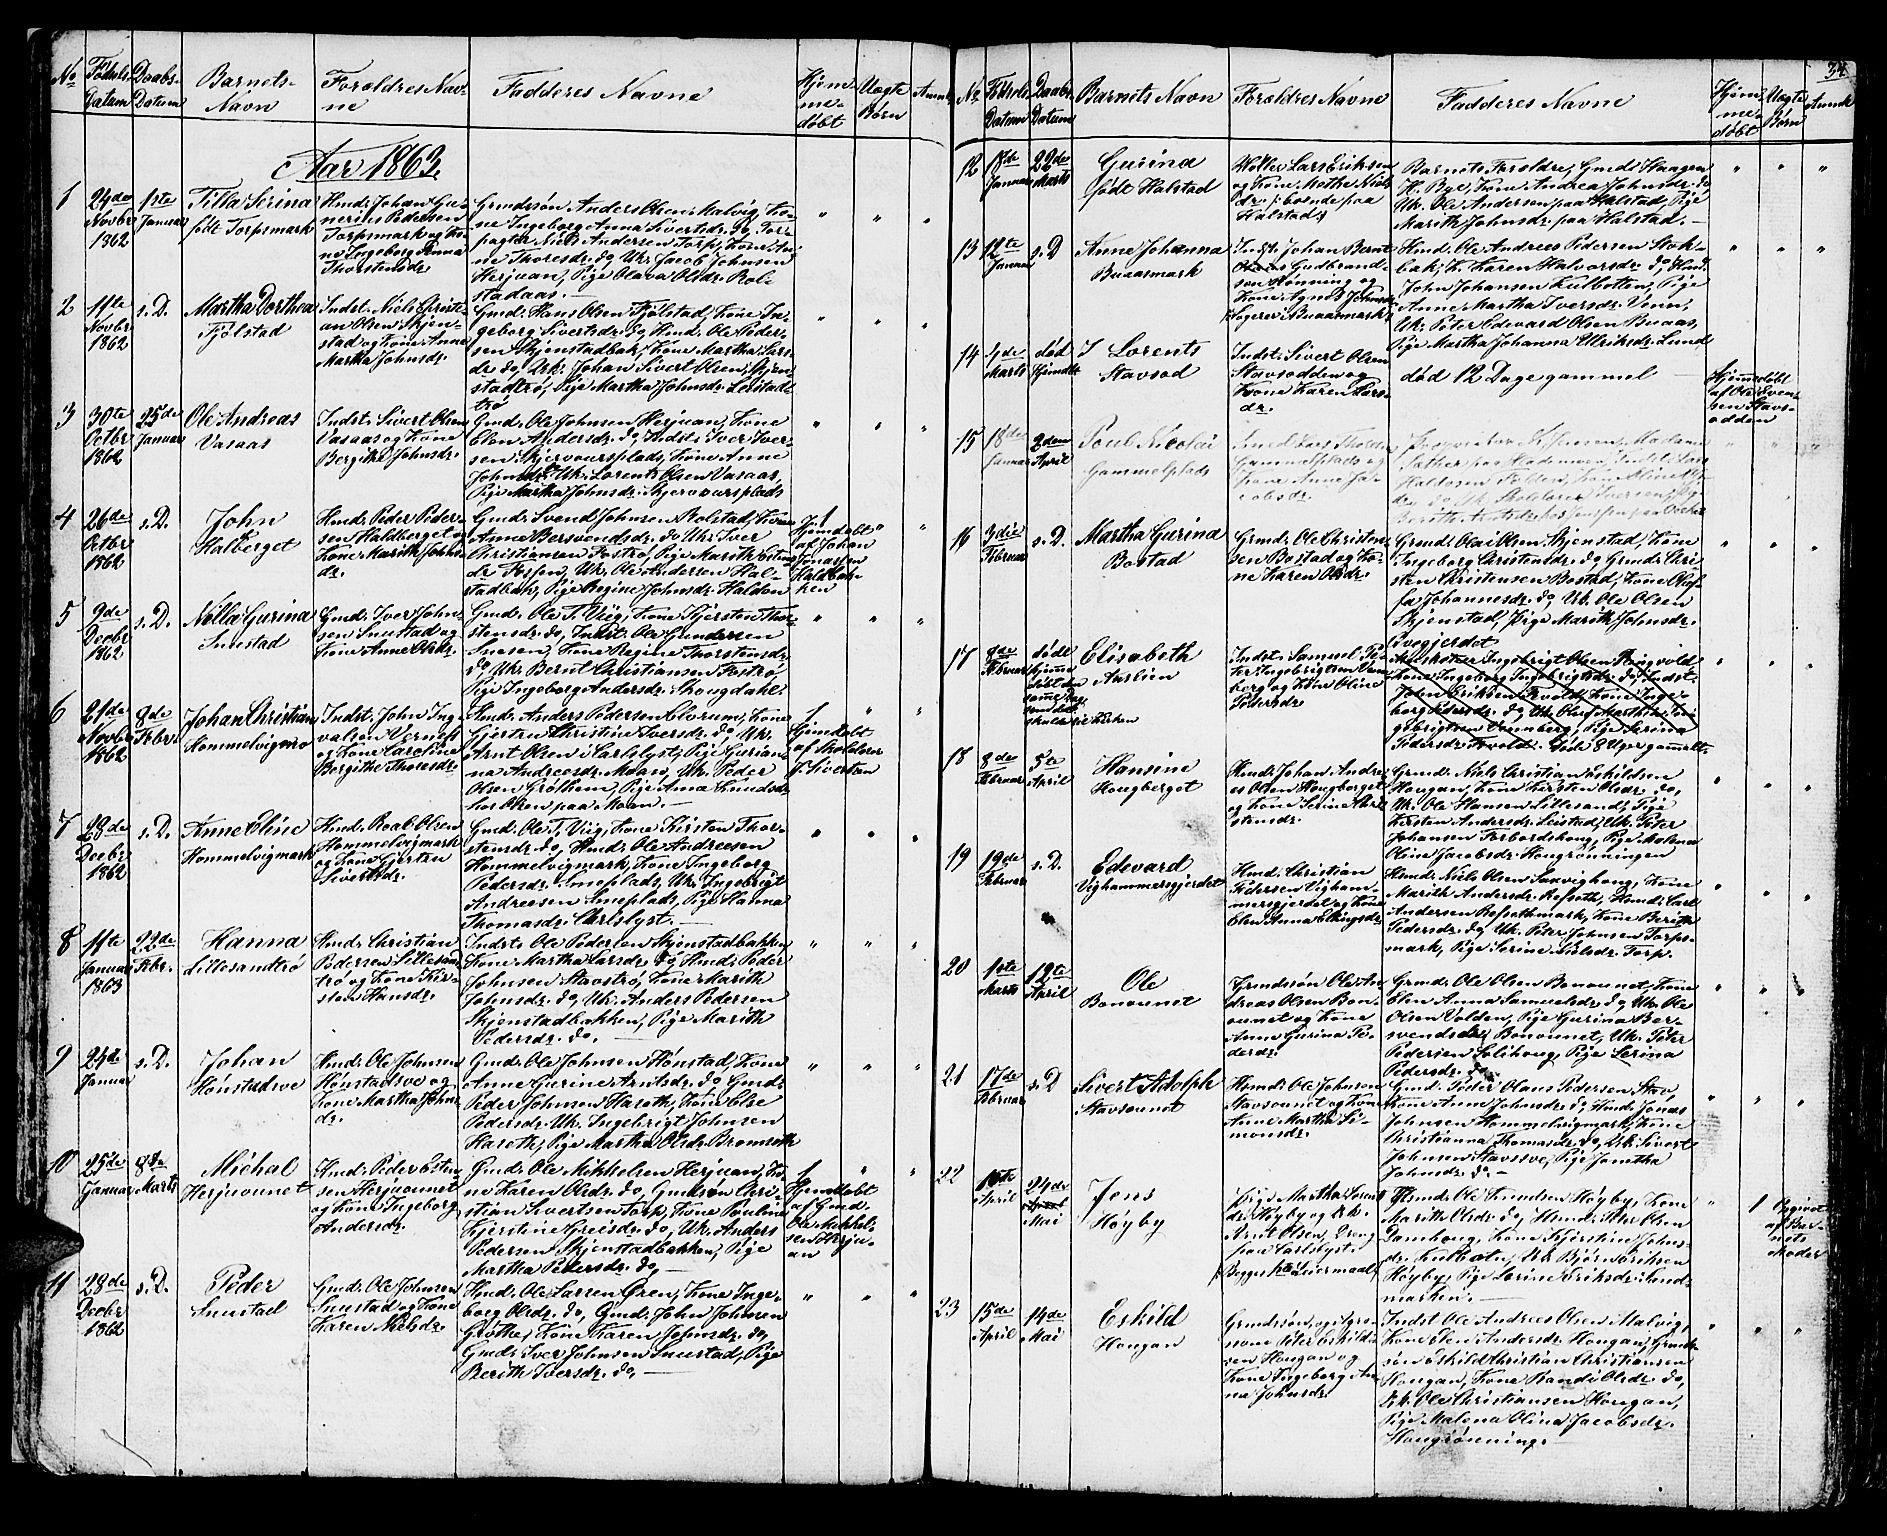 SAT, Ministerialprotokoller, klokkerbøker og fødselsregistre - Sør-Trøndelag, 616/L0422: Klokkerbok nr. 616C05, 1850-1888, s. 34